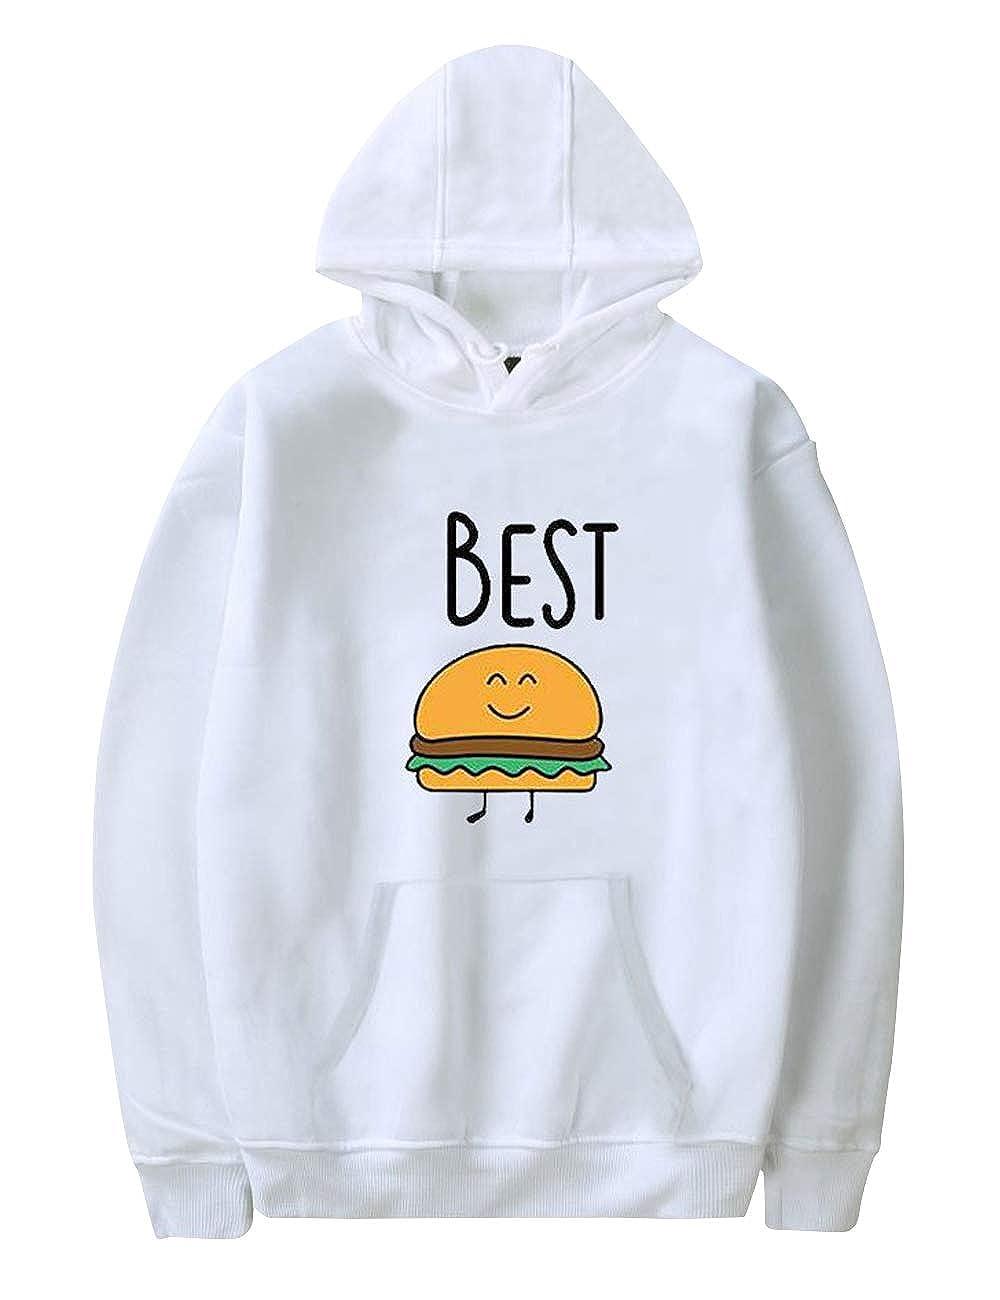 Best Friends Pullover f/ür Zwei M/ädchen Damen Beste Freunde Pullover Pommes und Burger Sister BFF Pulli Hoodie Kapuzenpullover Sweatshirt Herbstpullover 1 St/ück